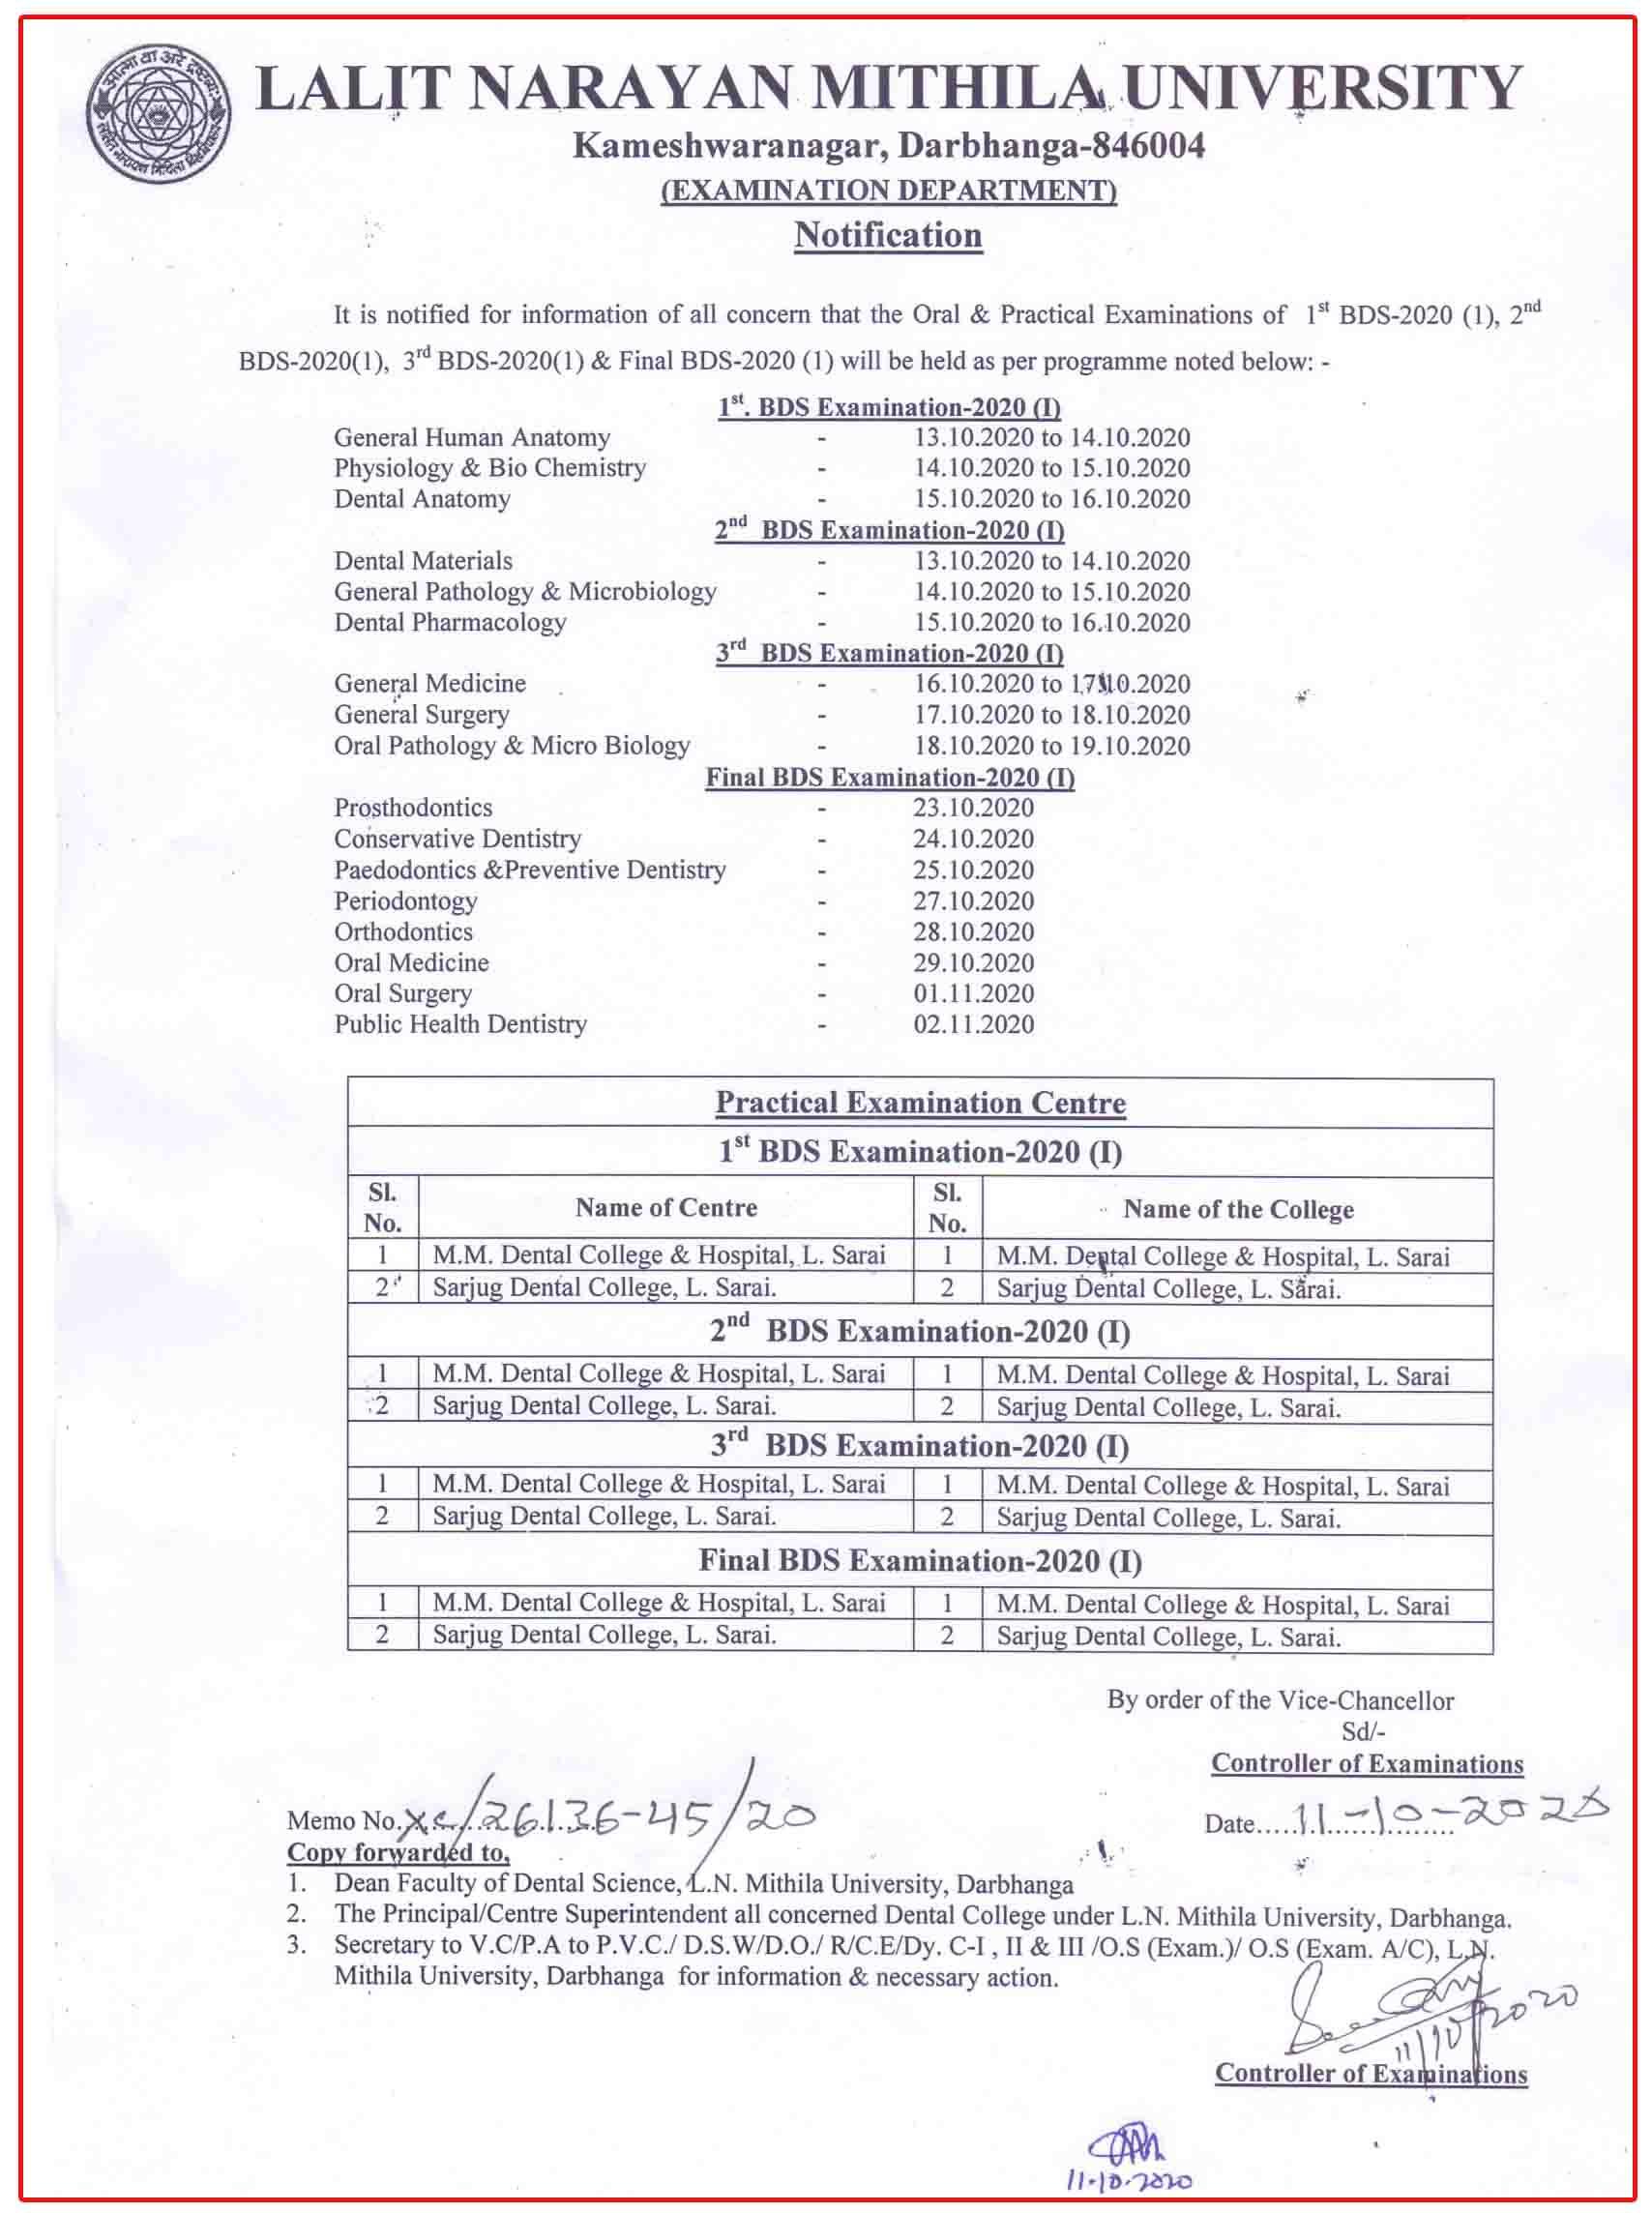 LNMU BDS EXam Date I 2 3 final schedule